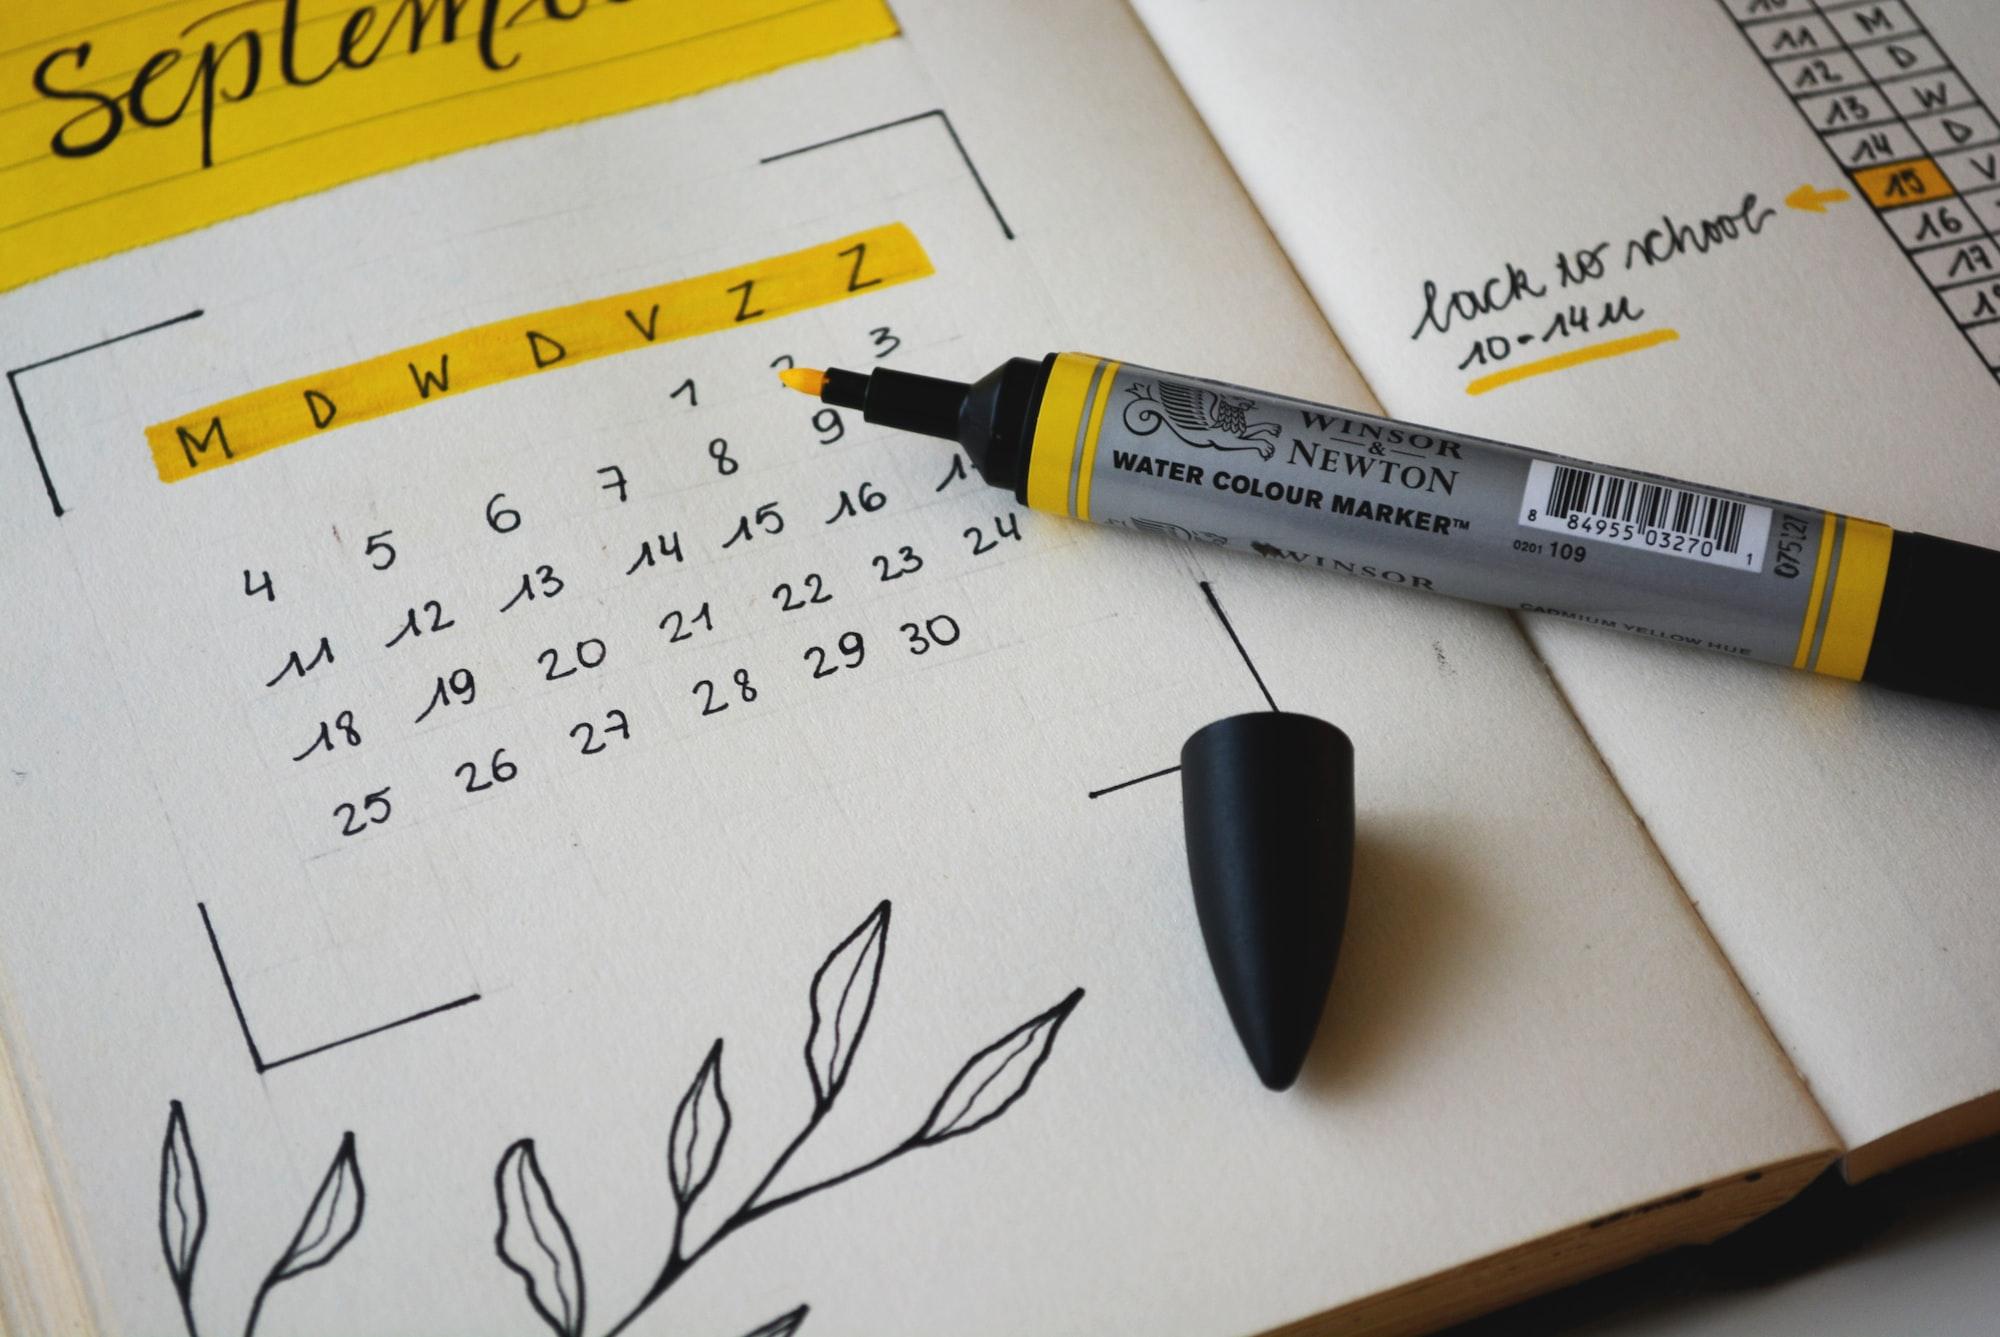 Radicale: Tu propio gestor de contactos, calendarios y tareas